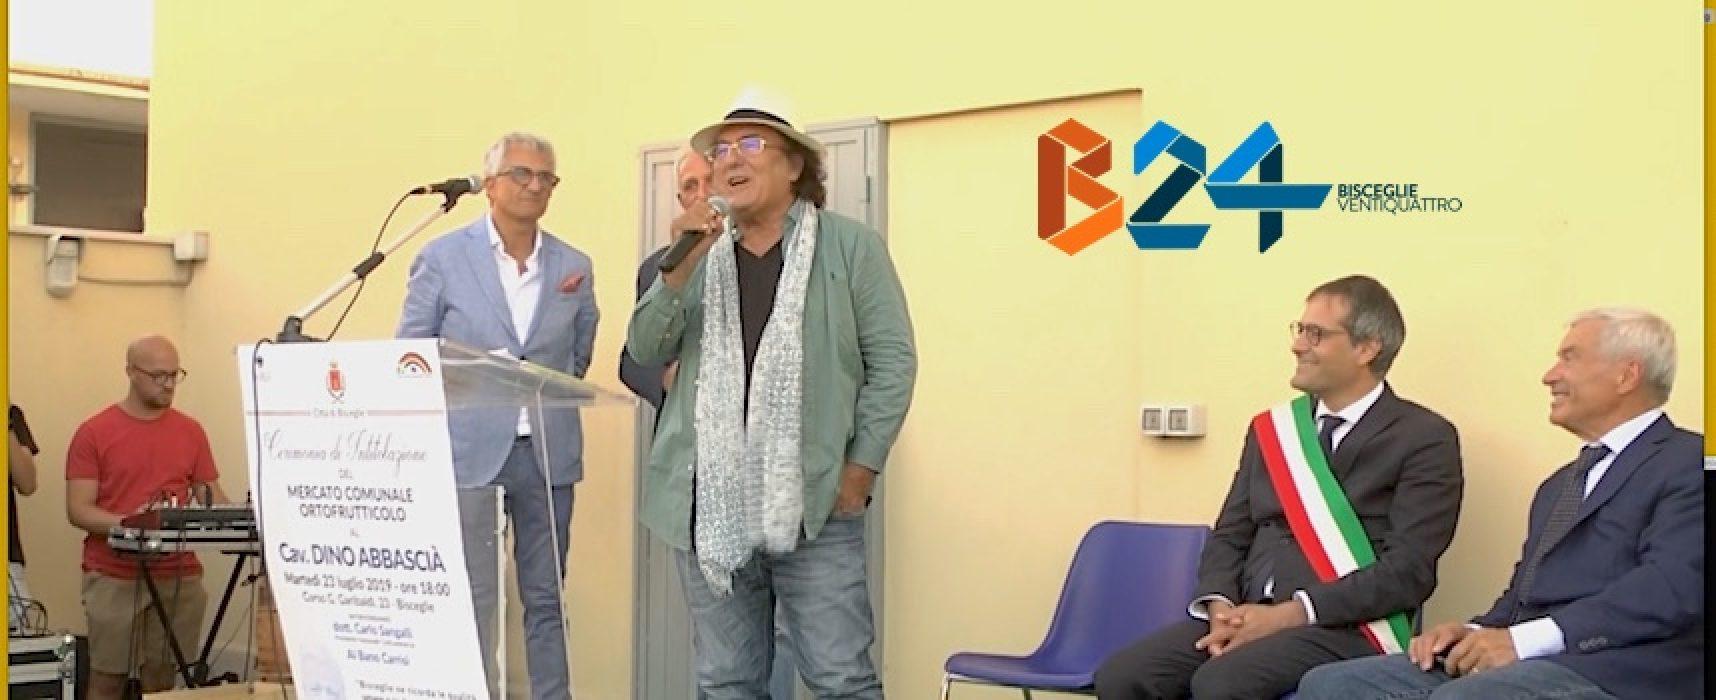 Intitolazione mercato ortofrutticolo Dino Abbascià, il ricordo di Al Bano / VIDEO